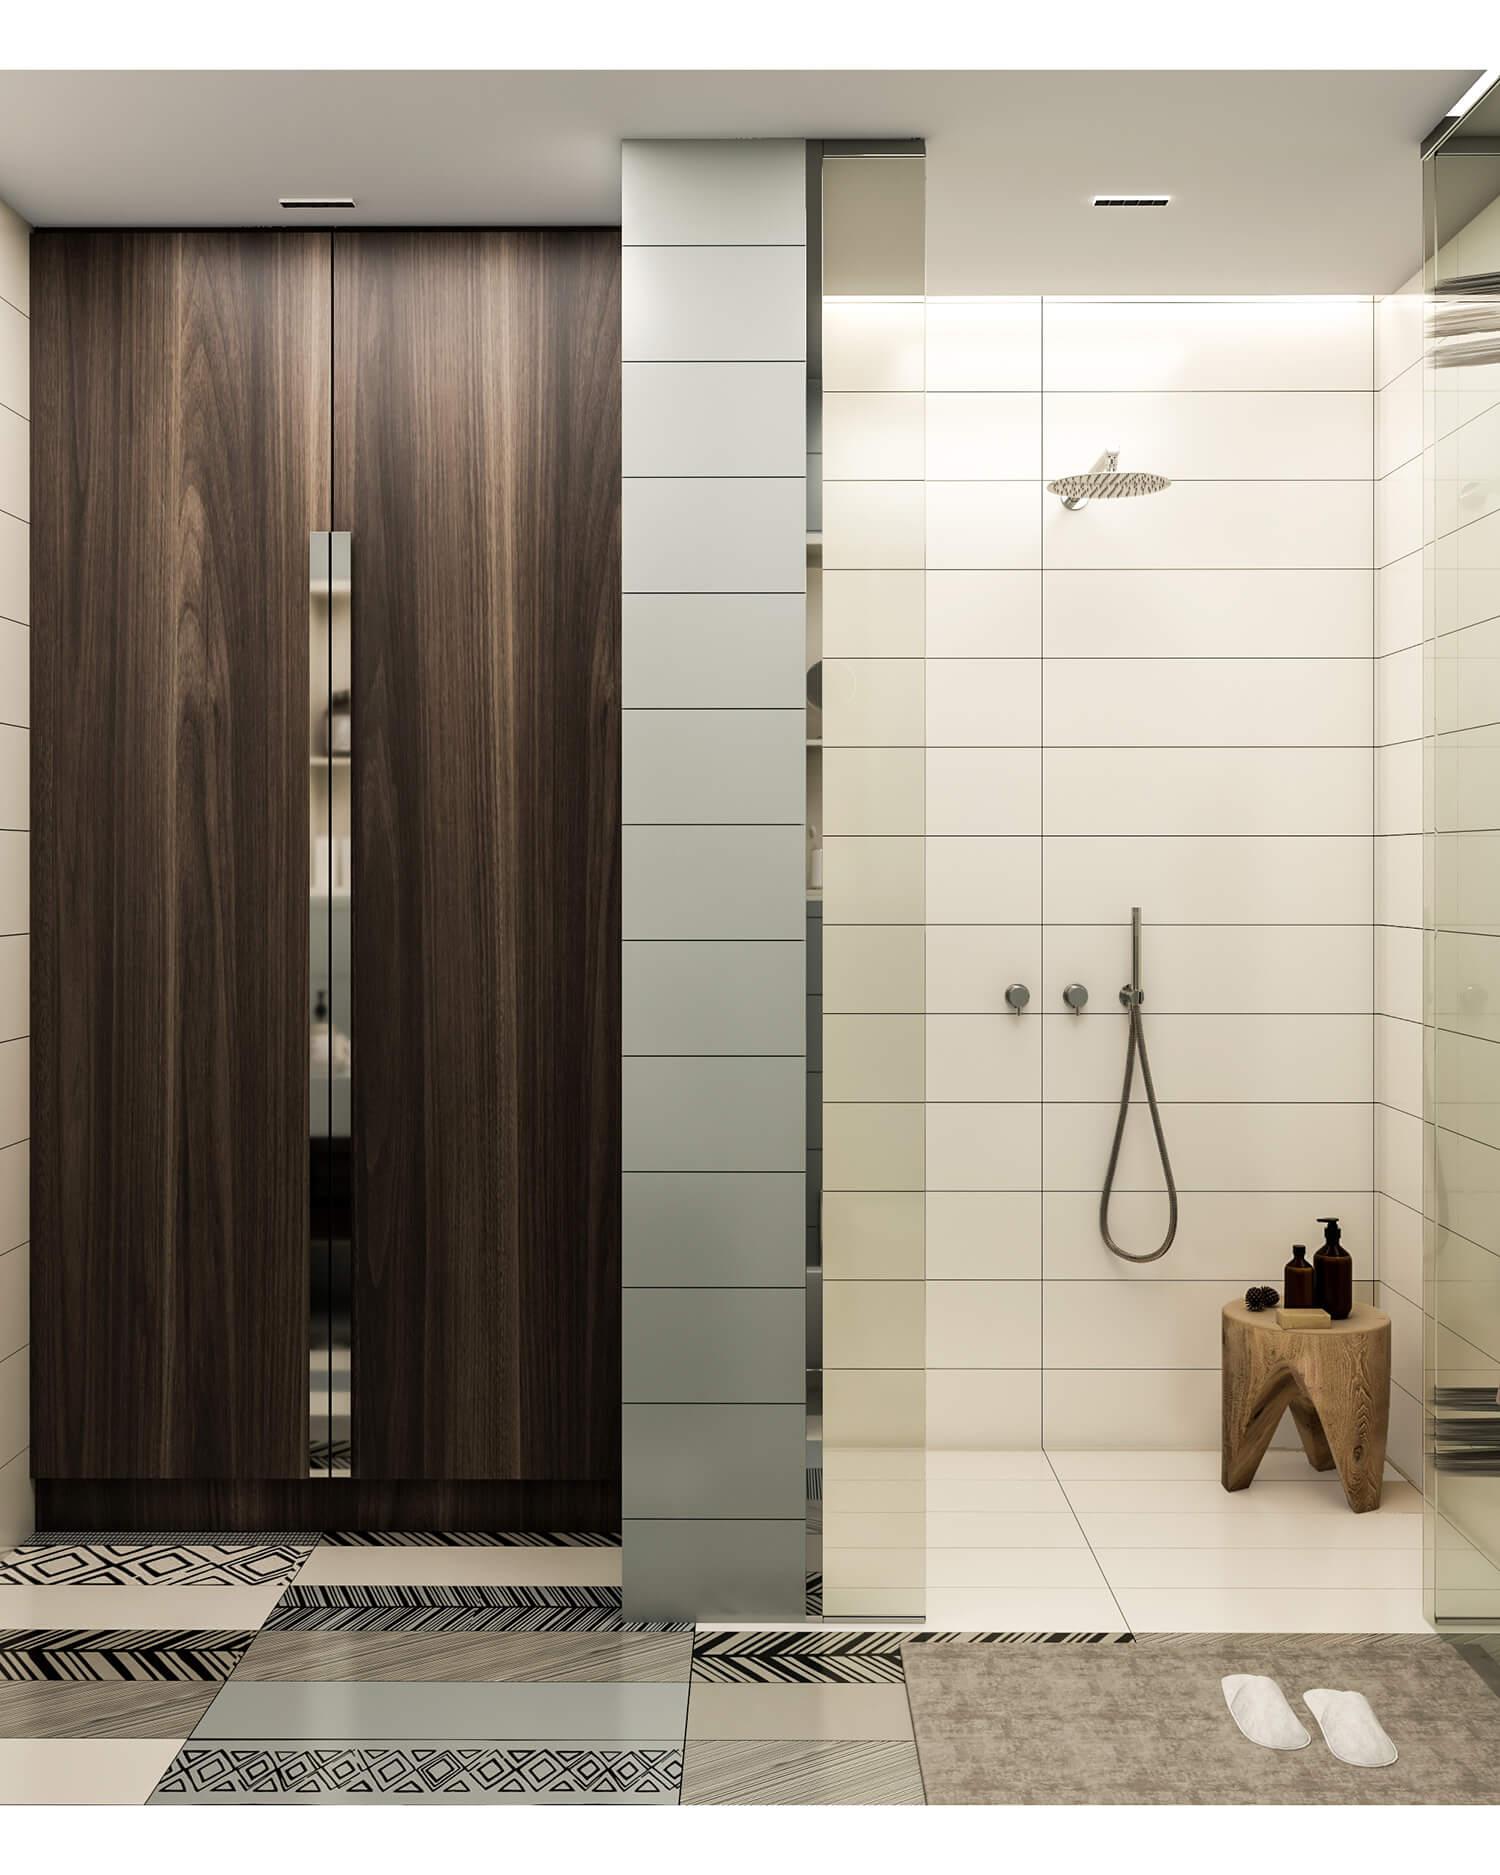 interioren-dizain-proekt-na-osnovna-banya-gia